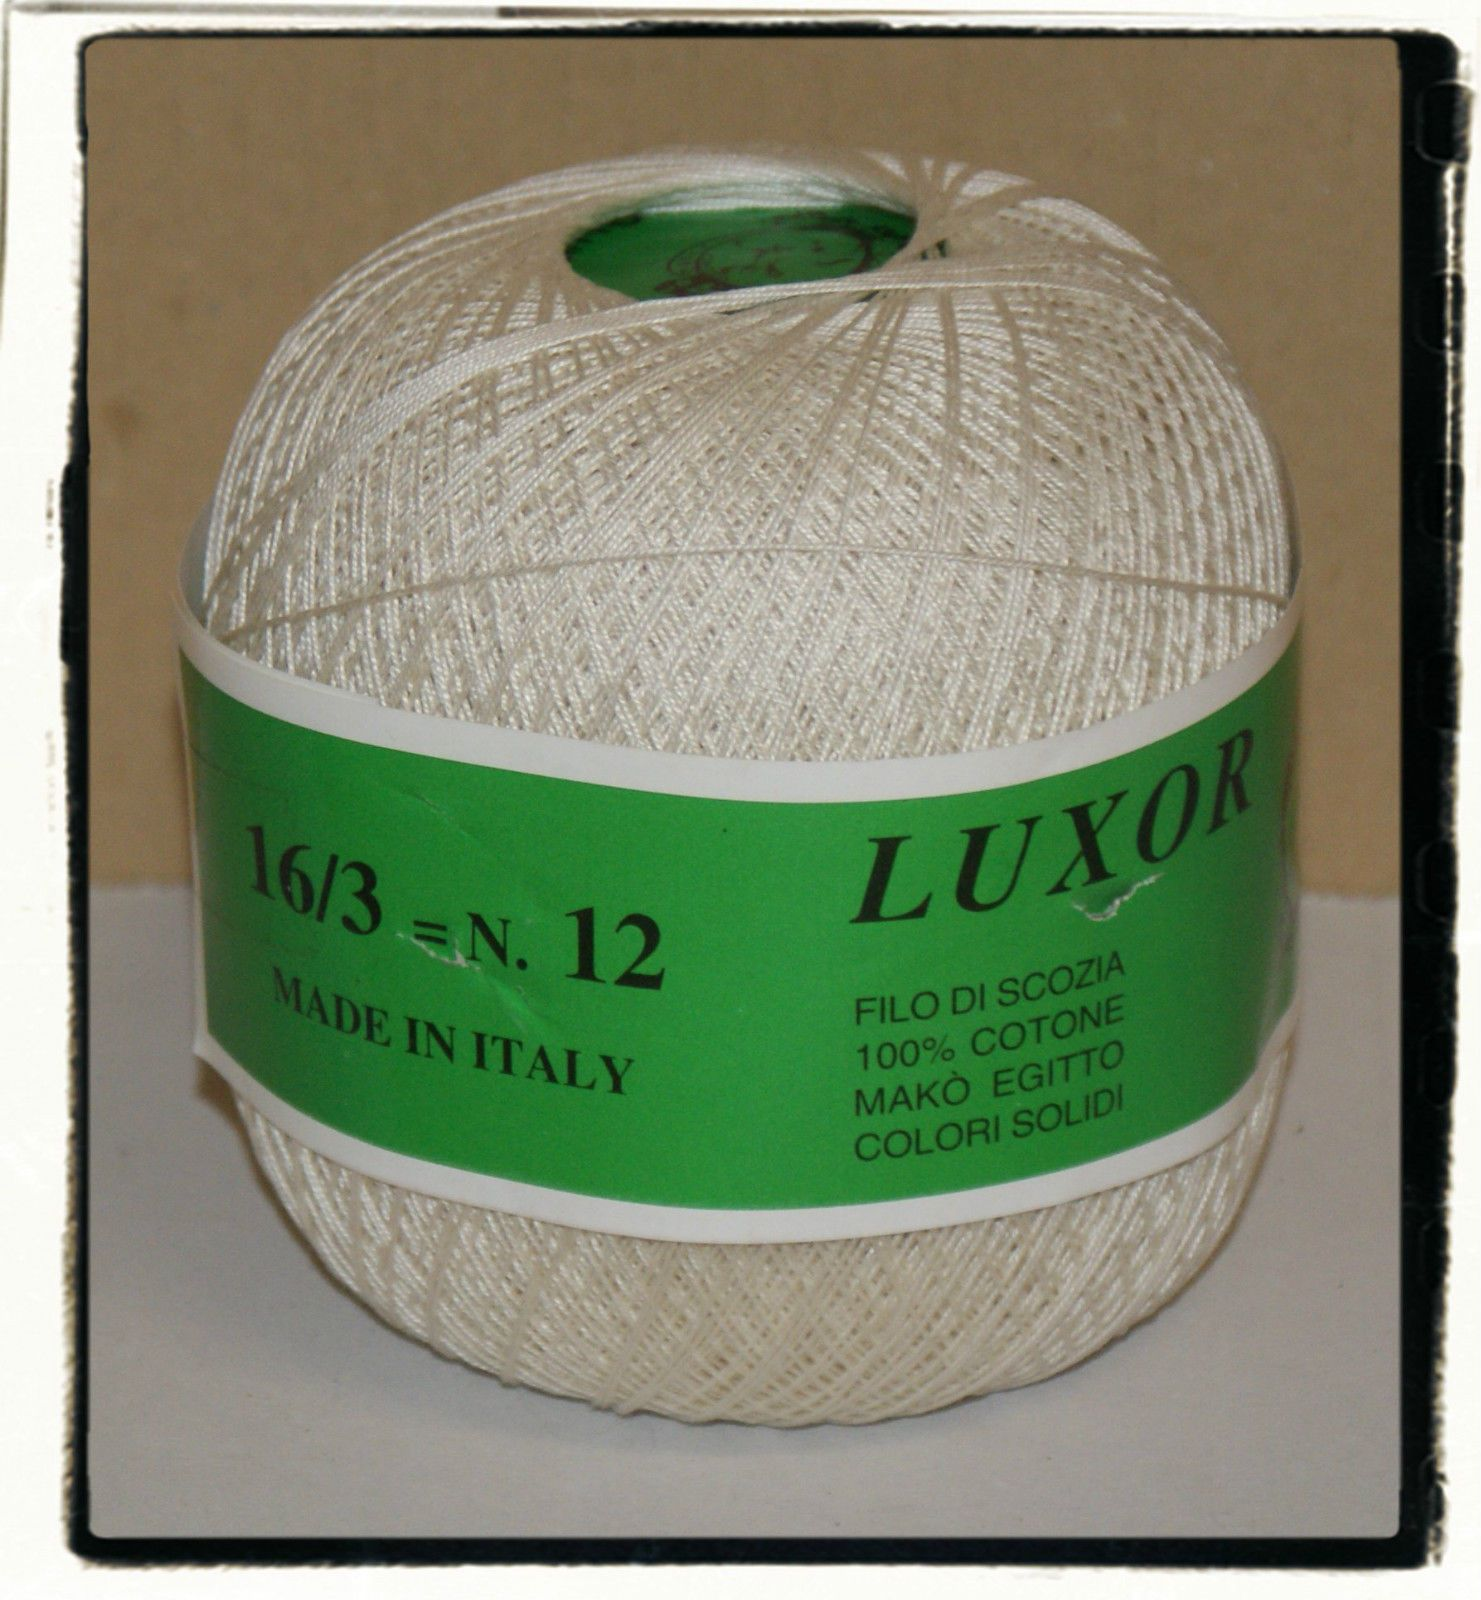 STOCK GOMITOLI COTONE LUXOR12 CO.S114 | eBay